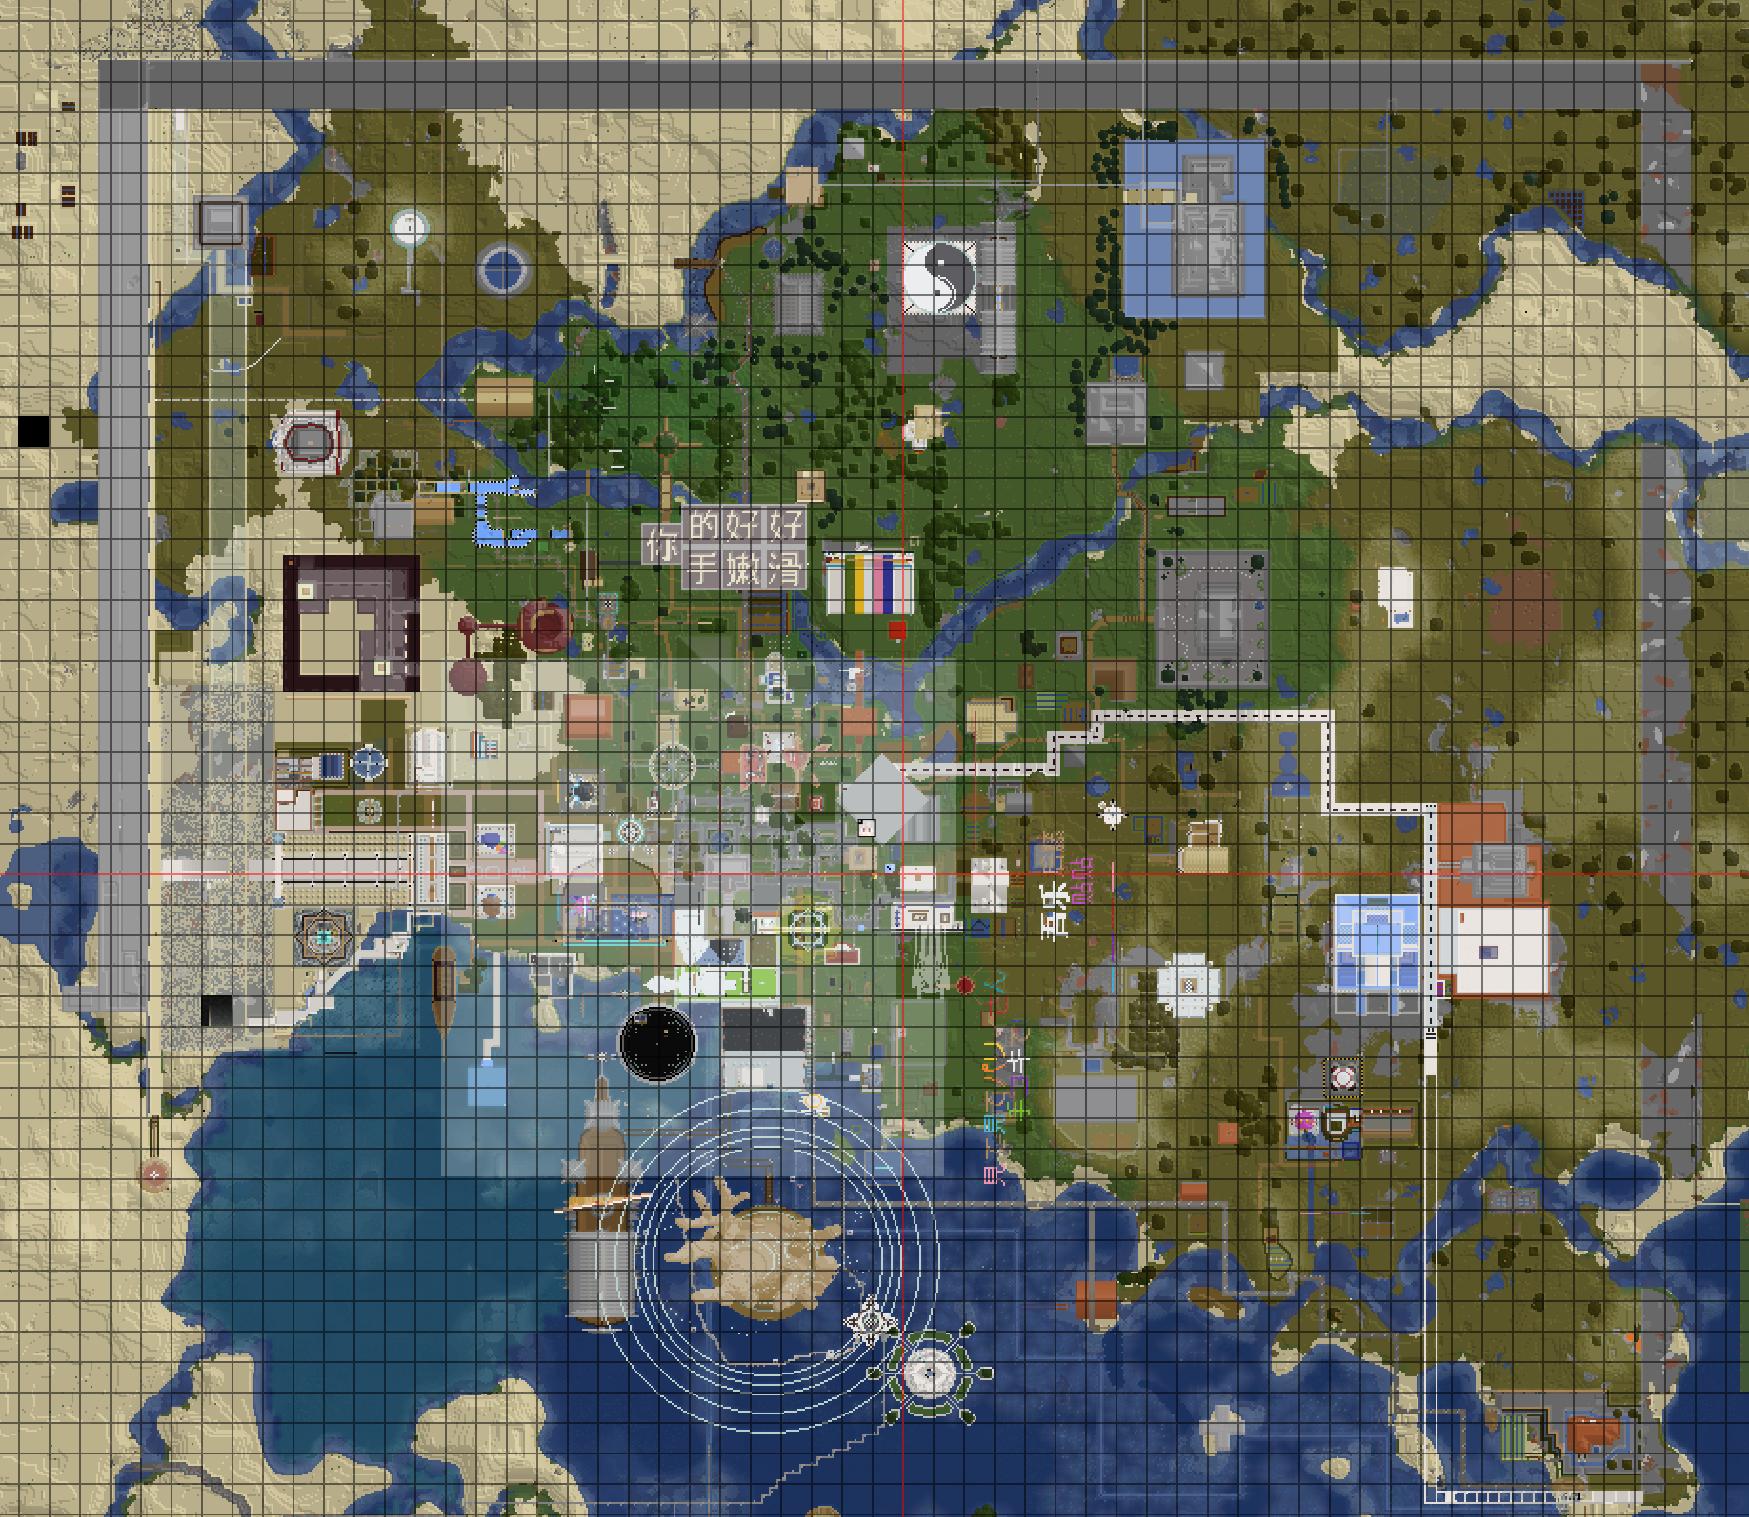 P5MC Minecraft 主城 地图